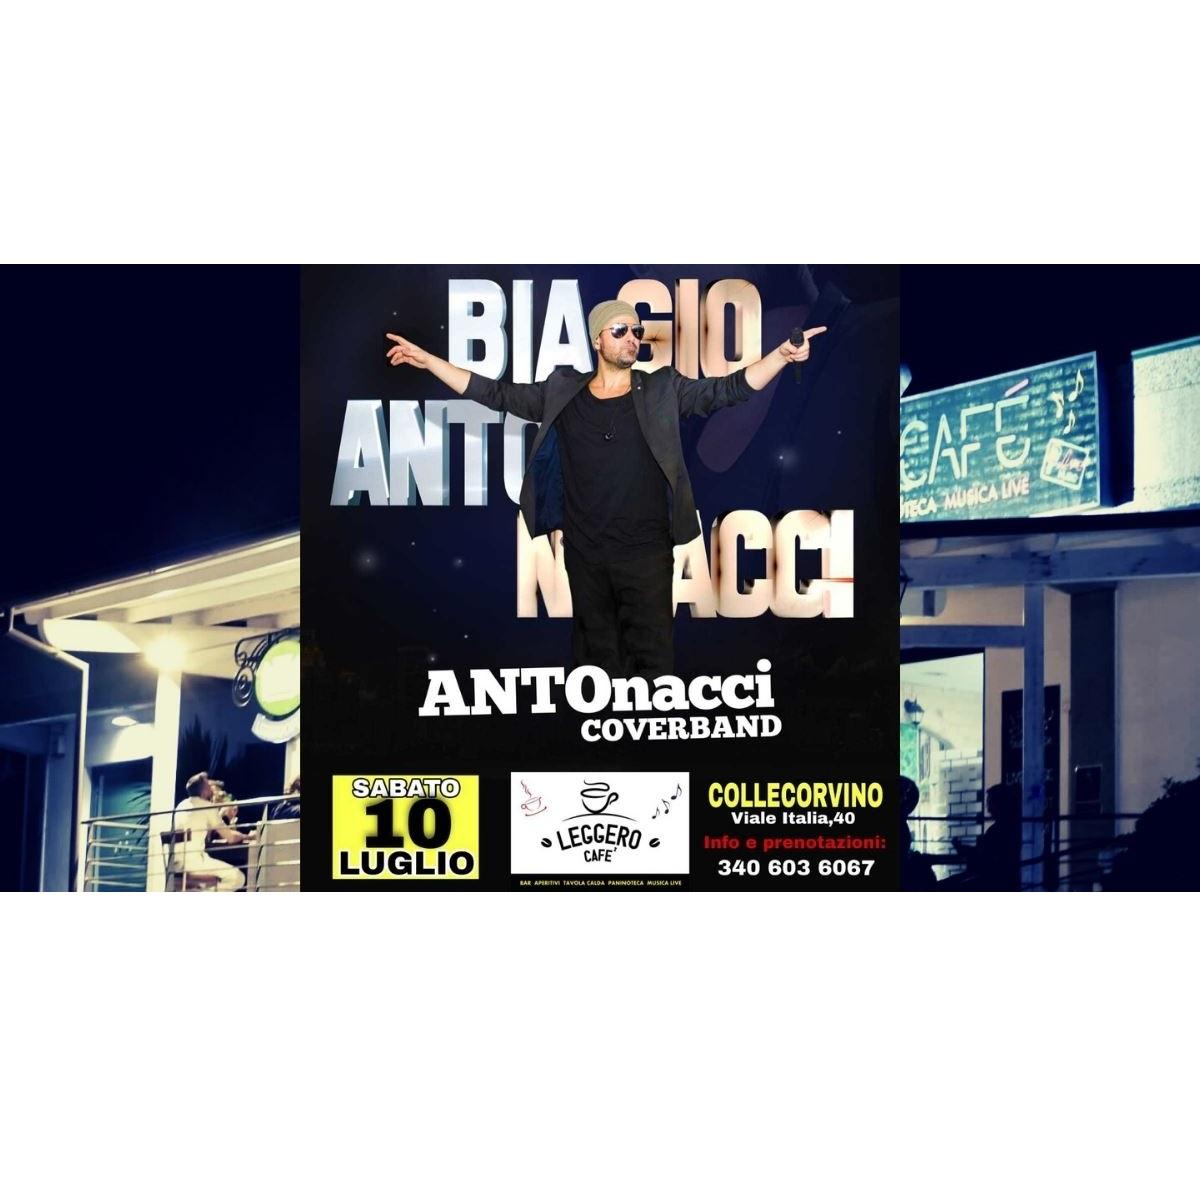 ANTOnacci Cover Band live 10 luglio 2021 foto